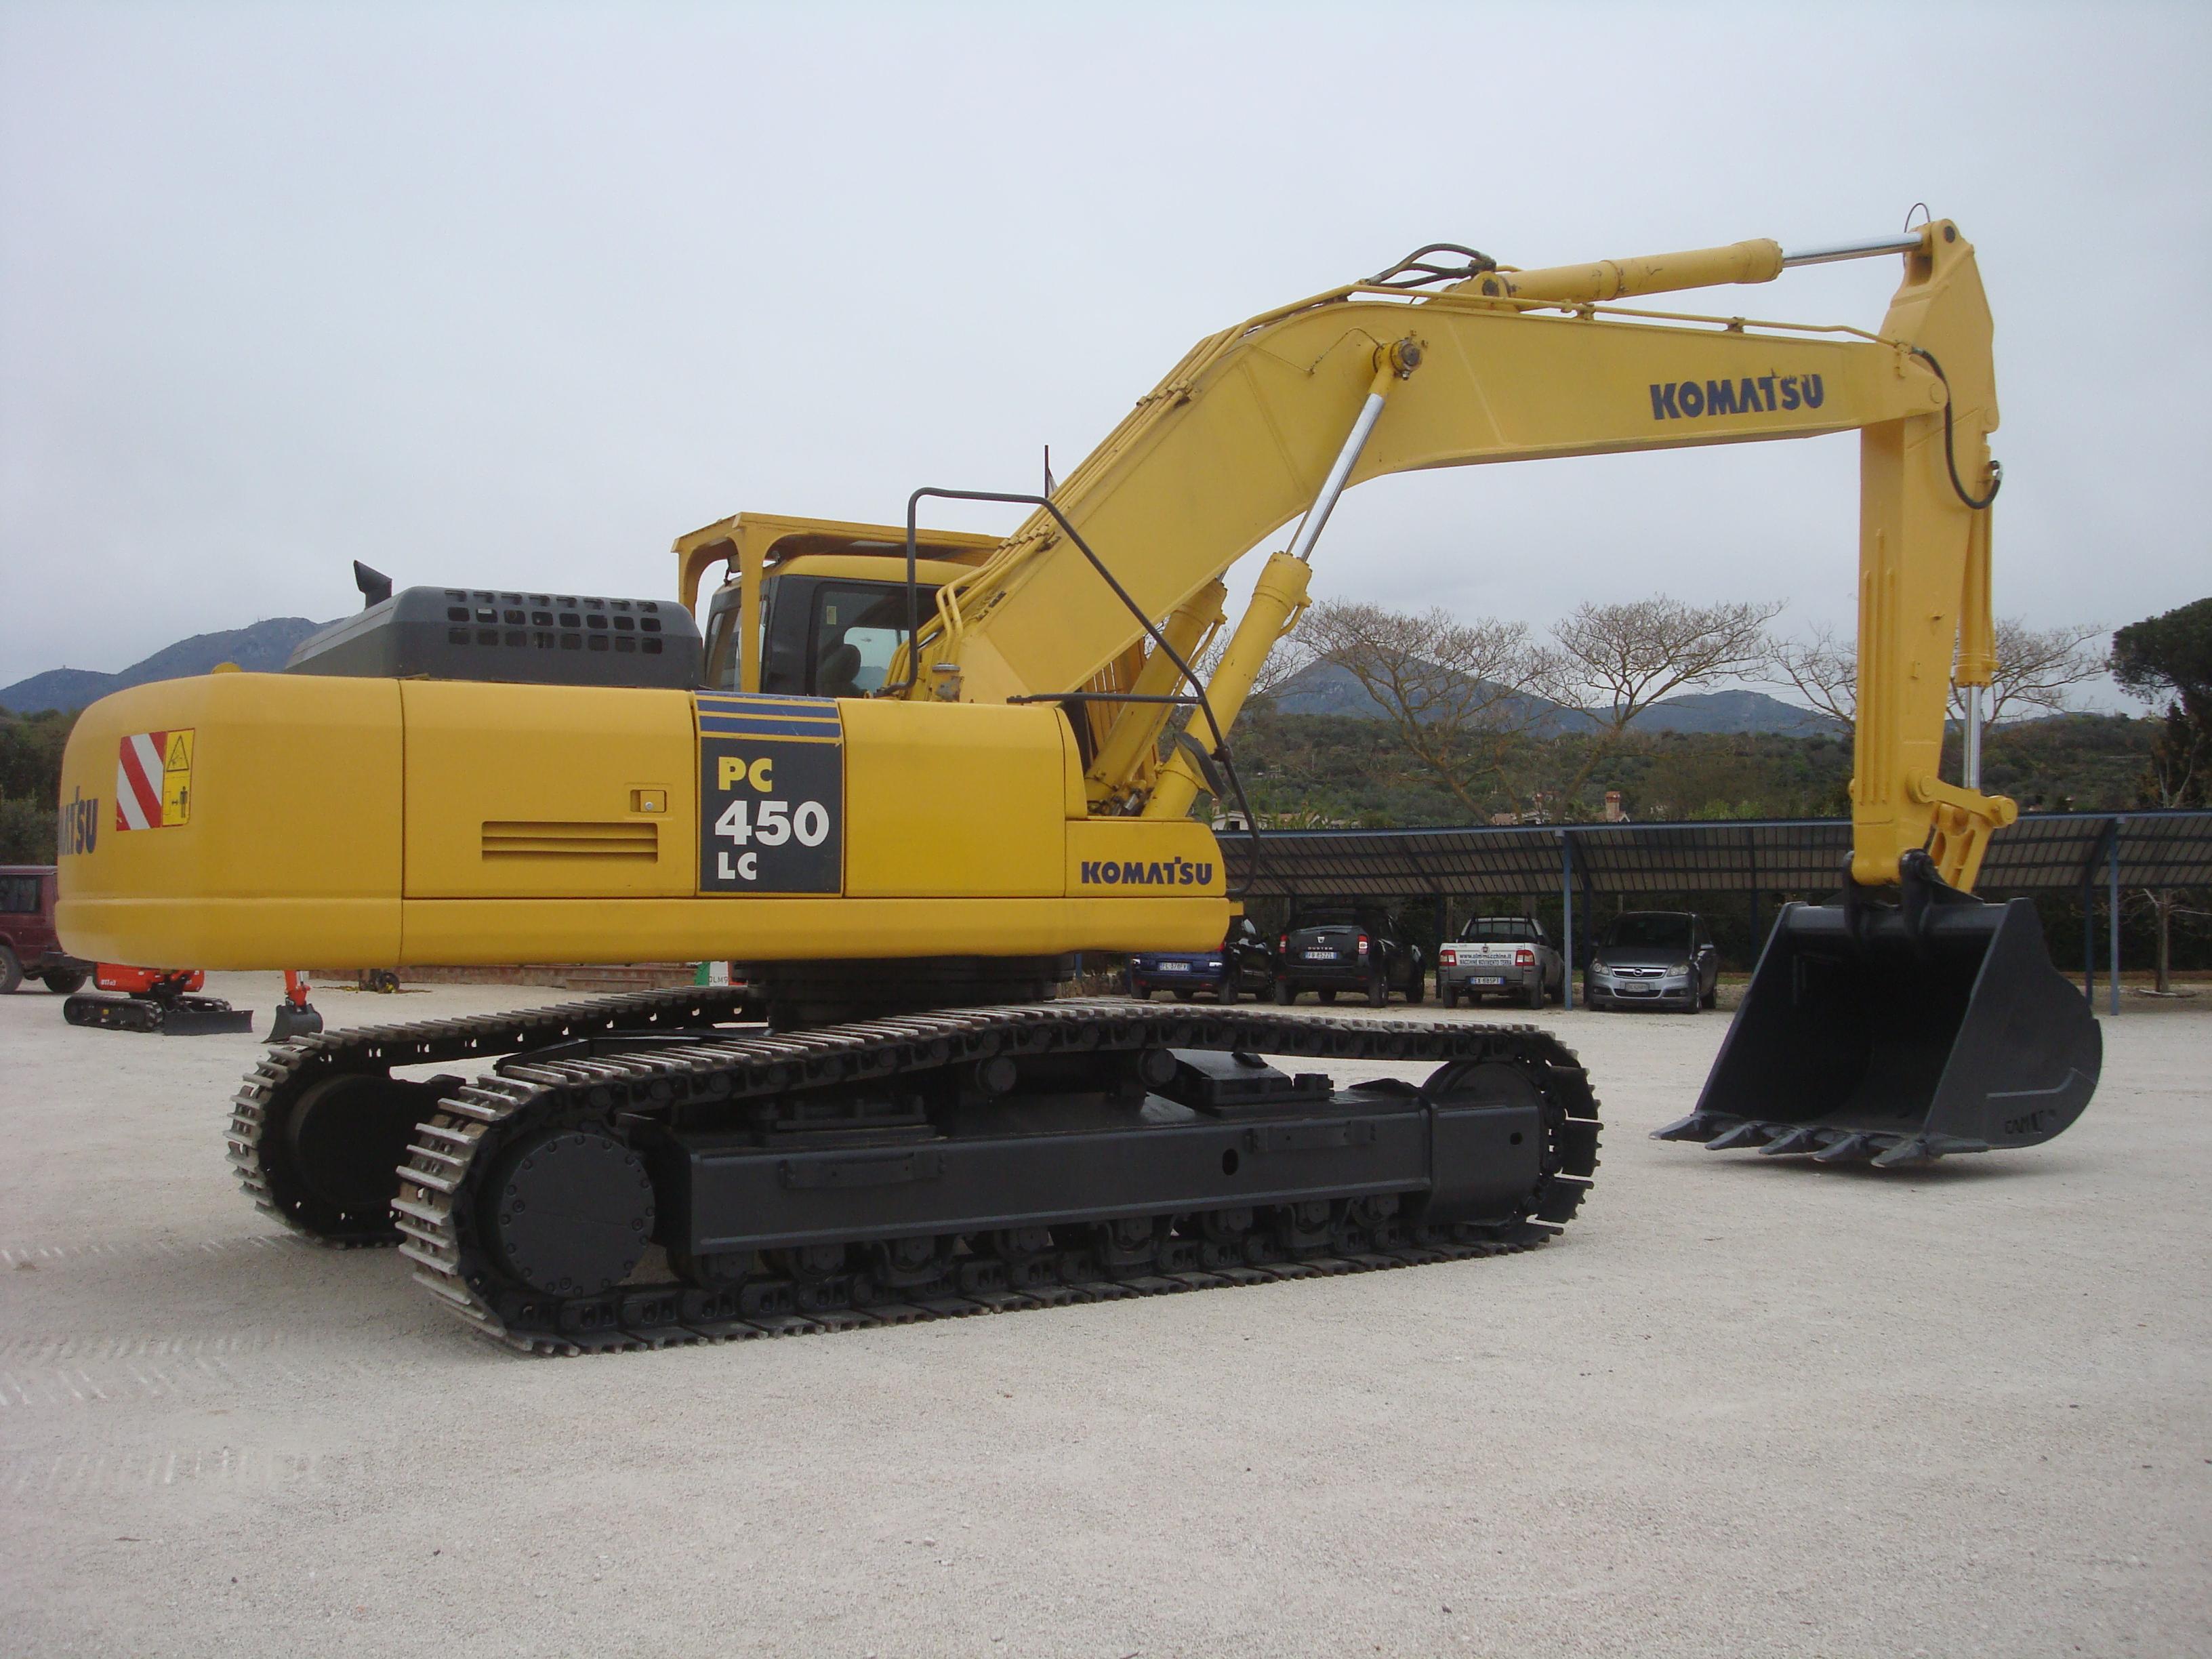 Escavatore Cingolato Komatsu PC450LC-7